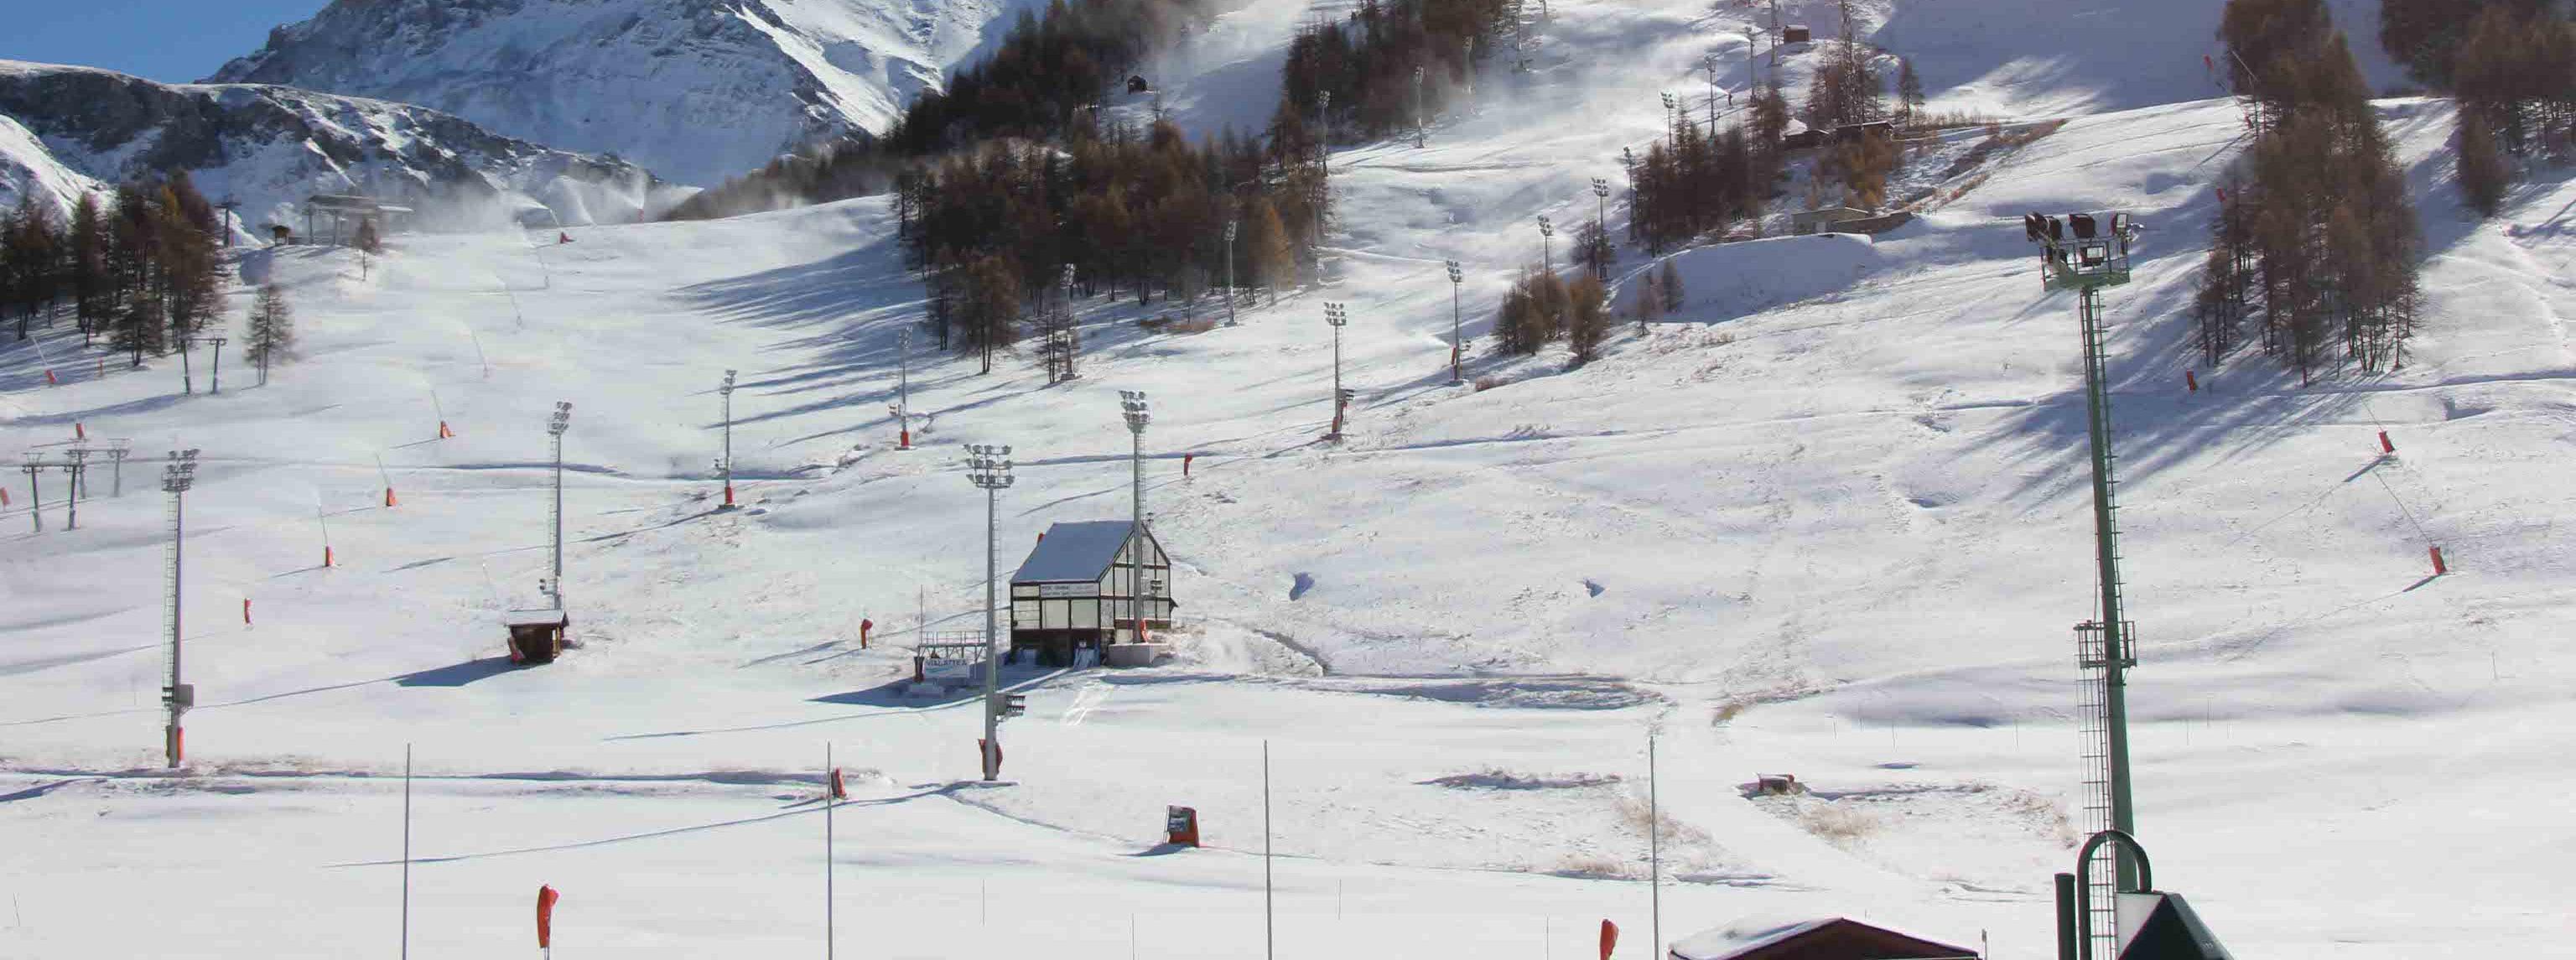 Sciatore sbatte su barriera, morto